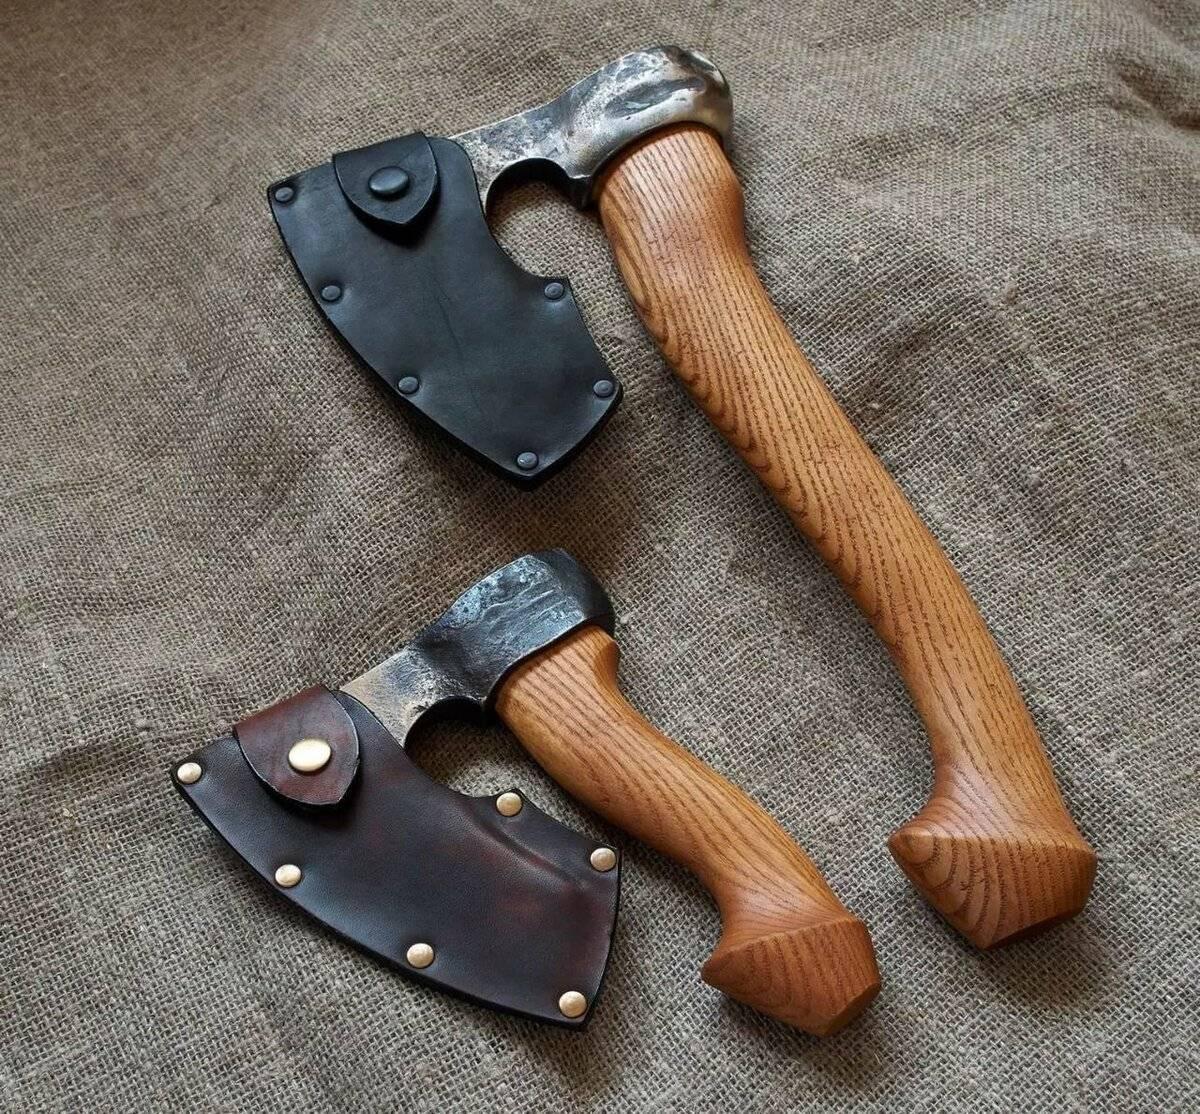 Изготовление топоров и ножей ручной работы. домашний малый бизнес своими руками | идеи народного бизнеса